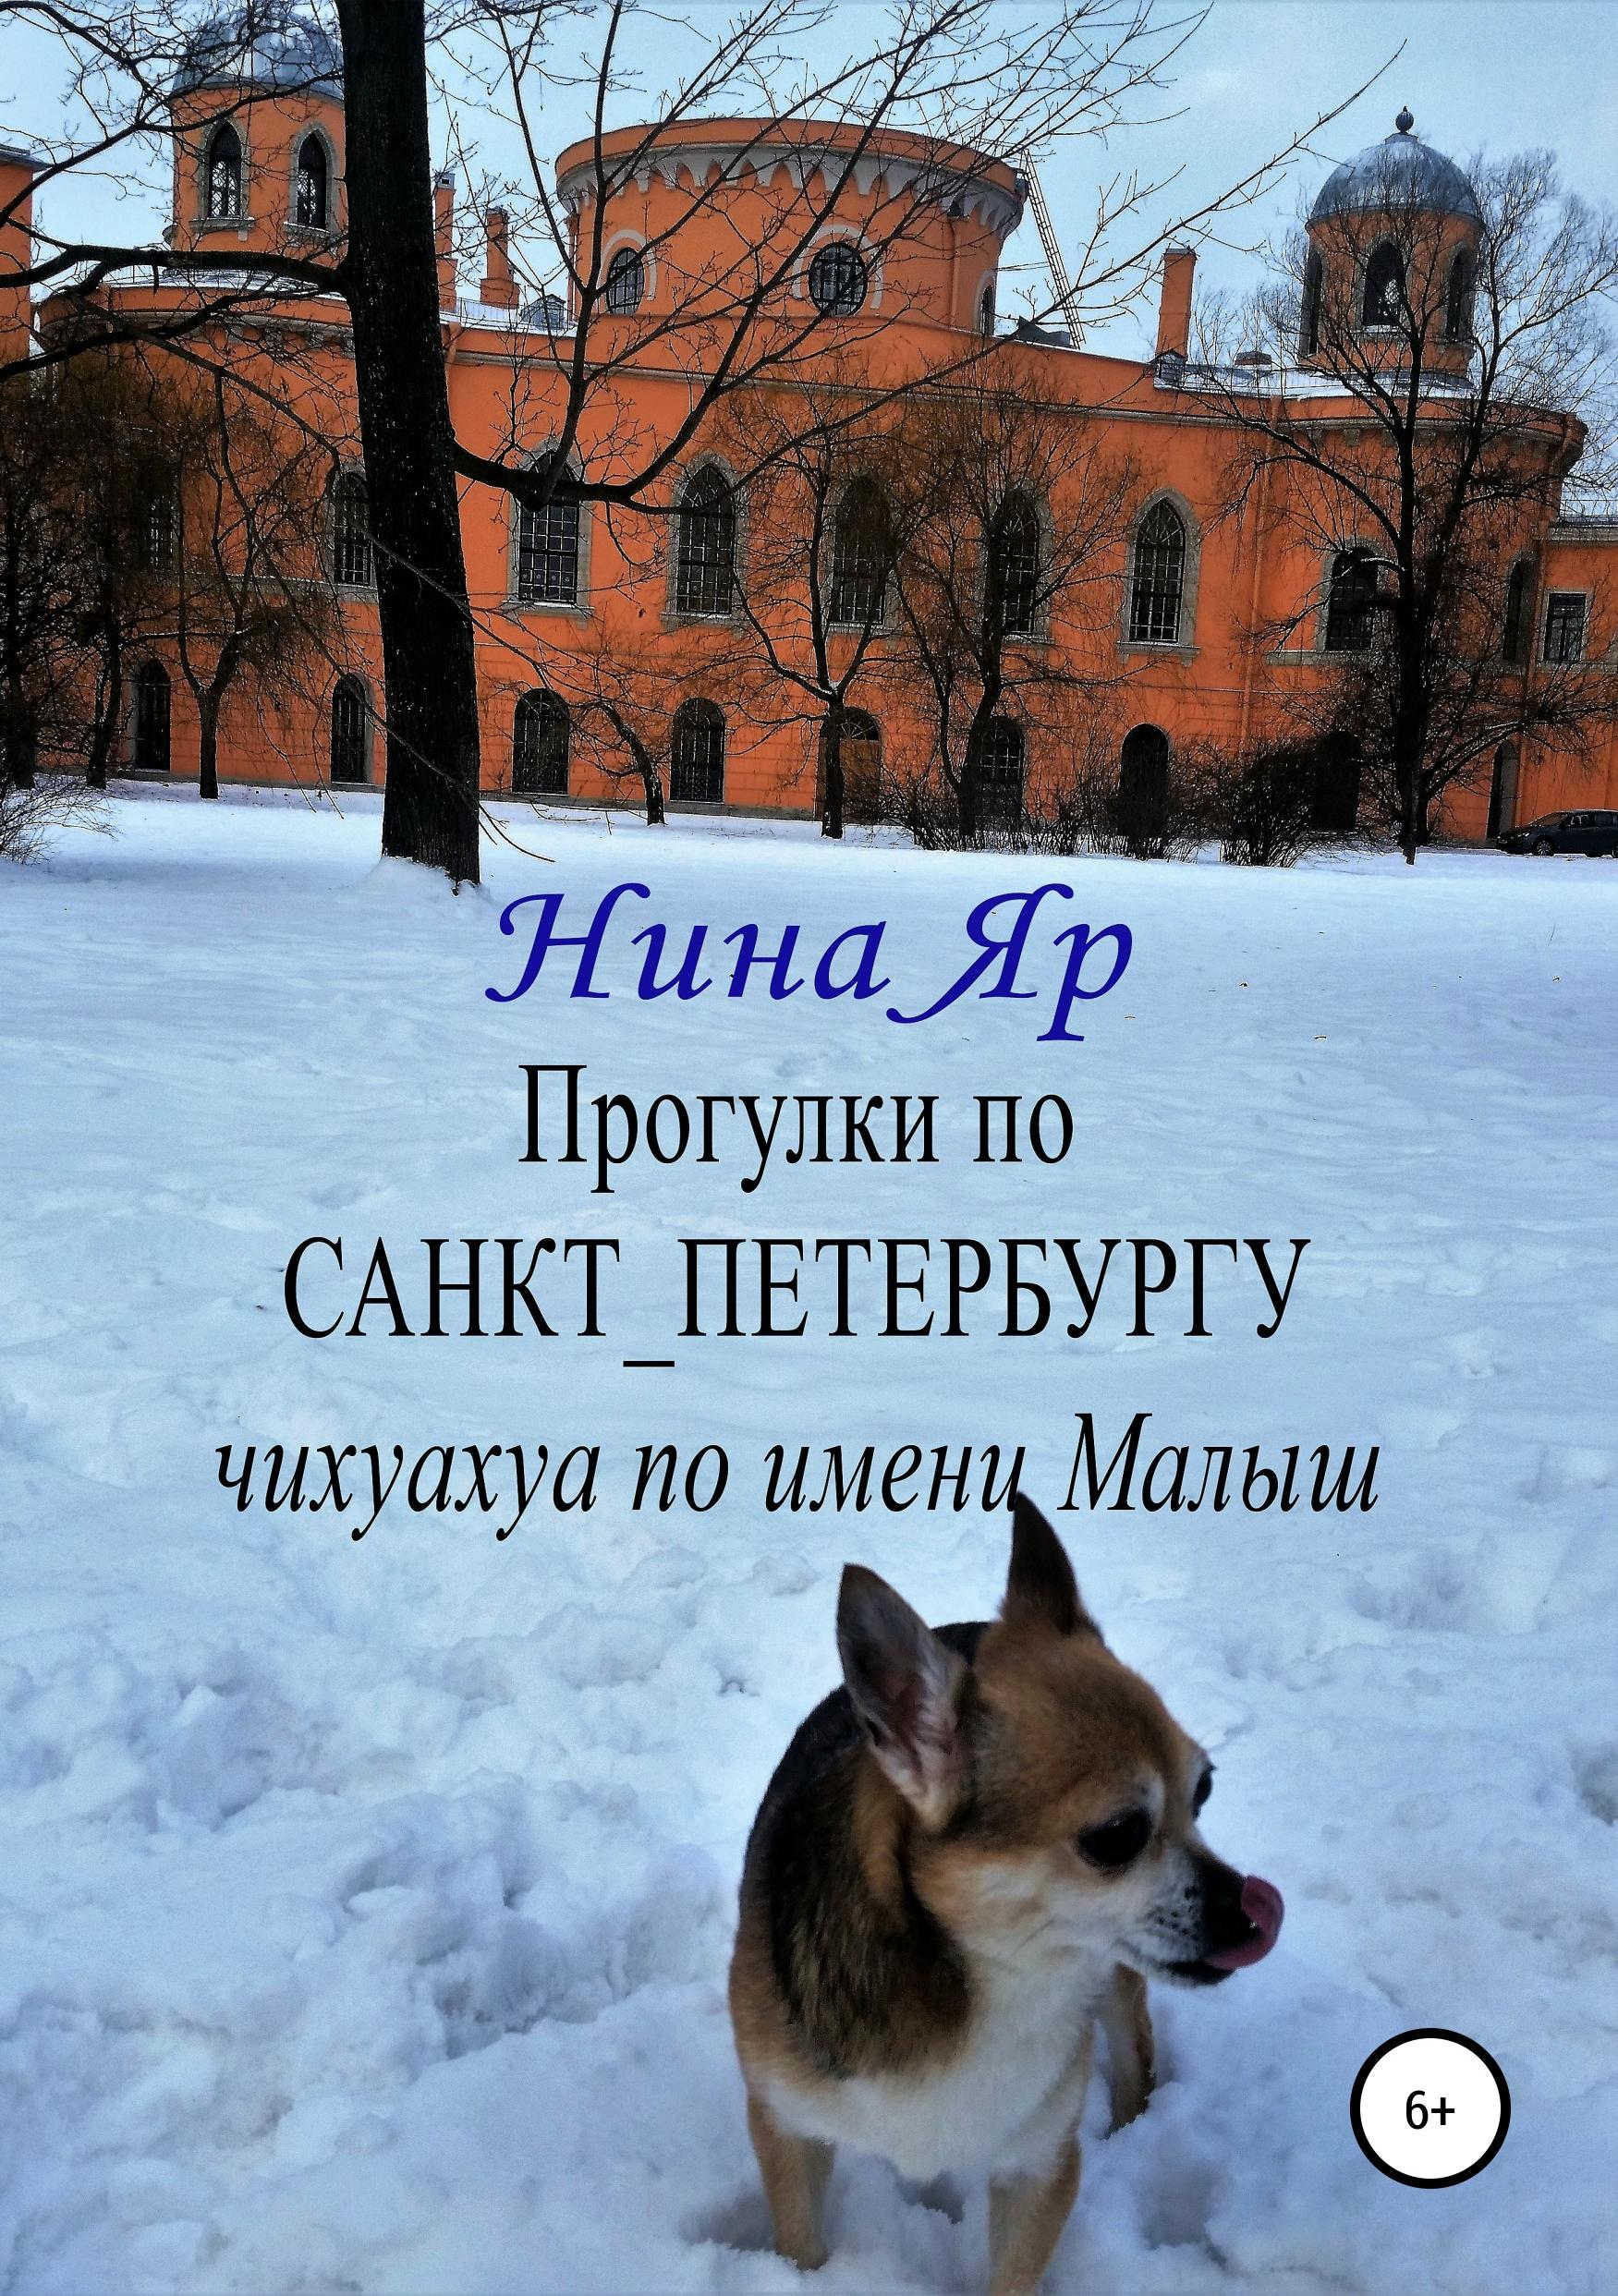 все цены на Нина Яр Прогулки по Санкт-Петербургу онлайн